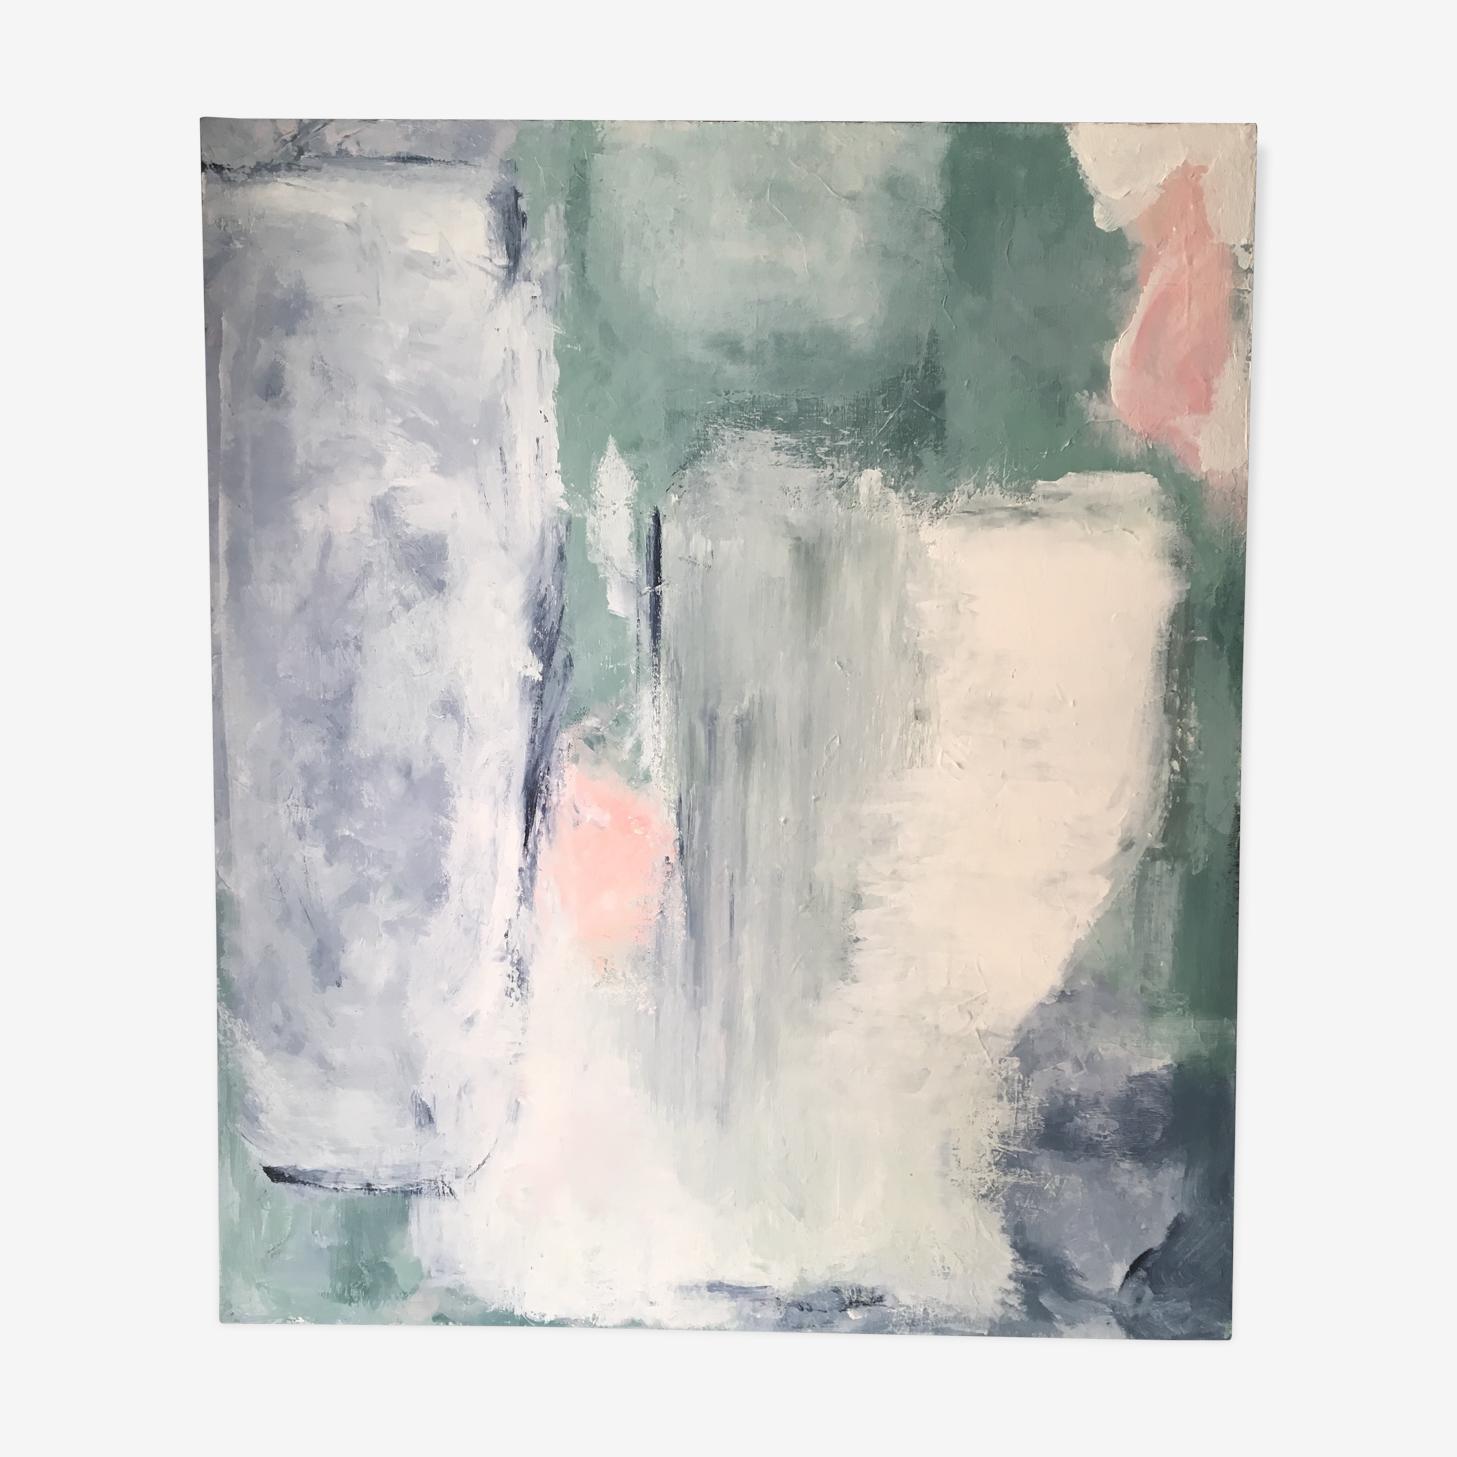 Acrylic on canvas - The blue hour